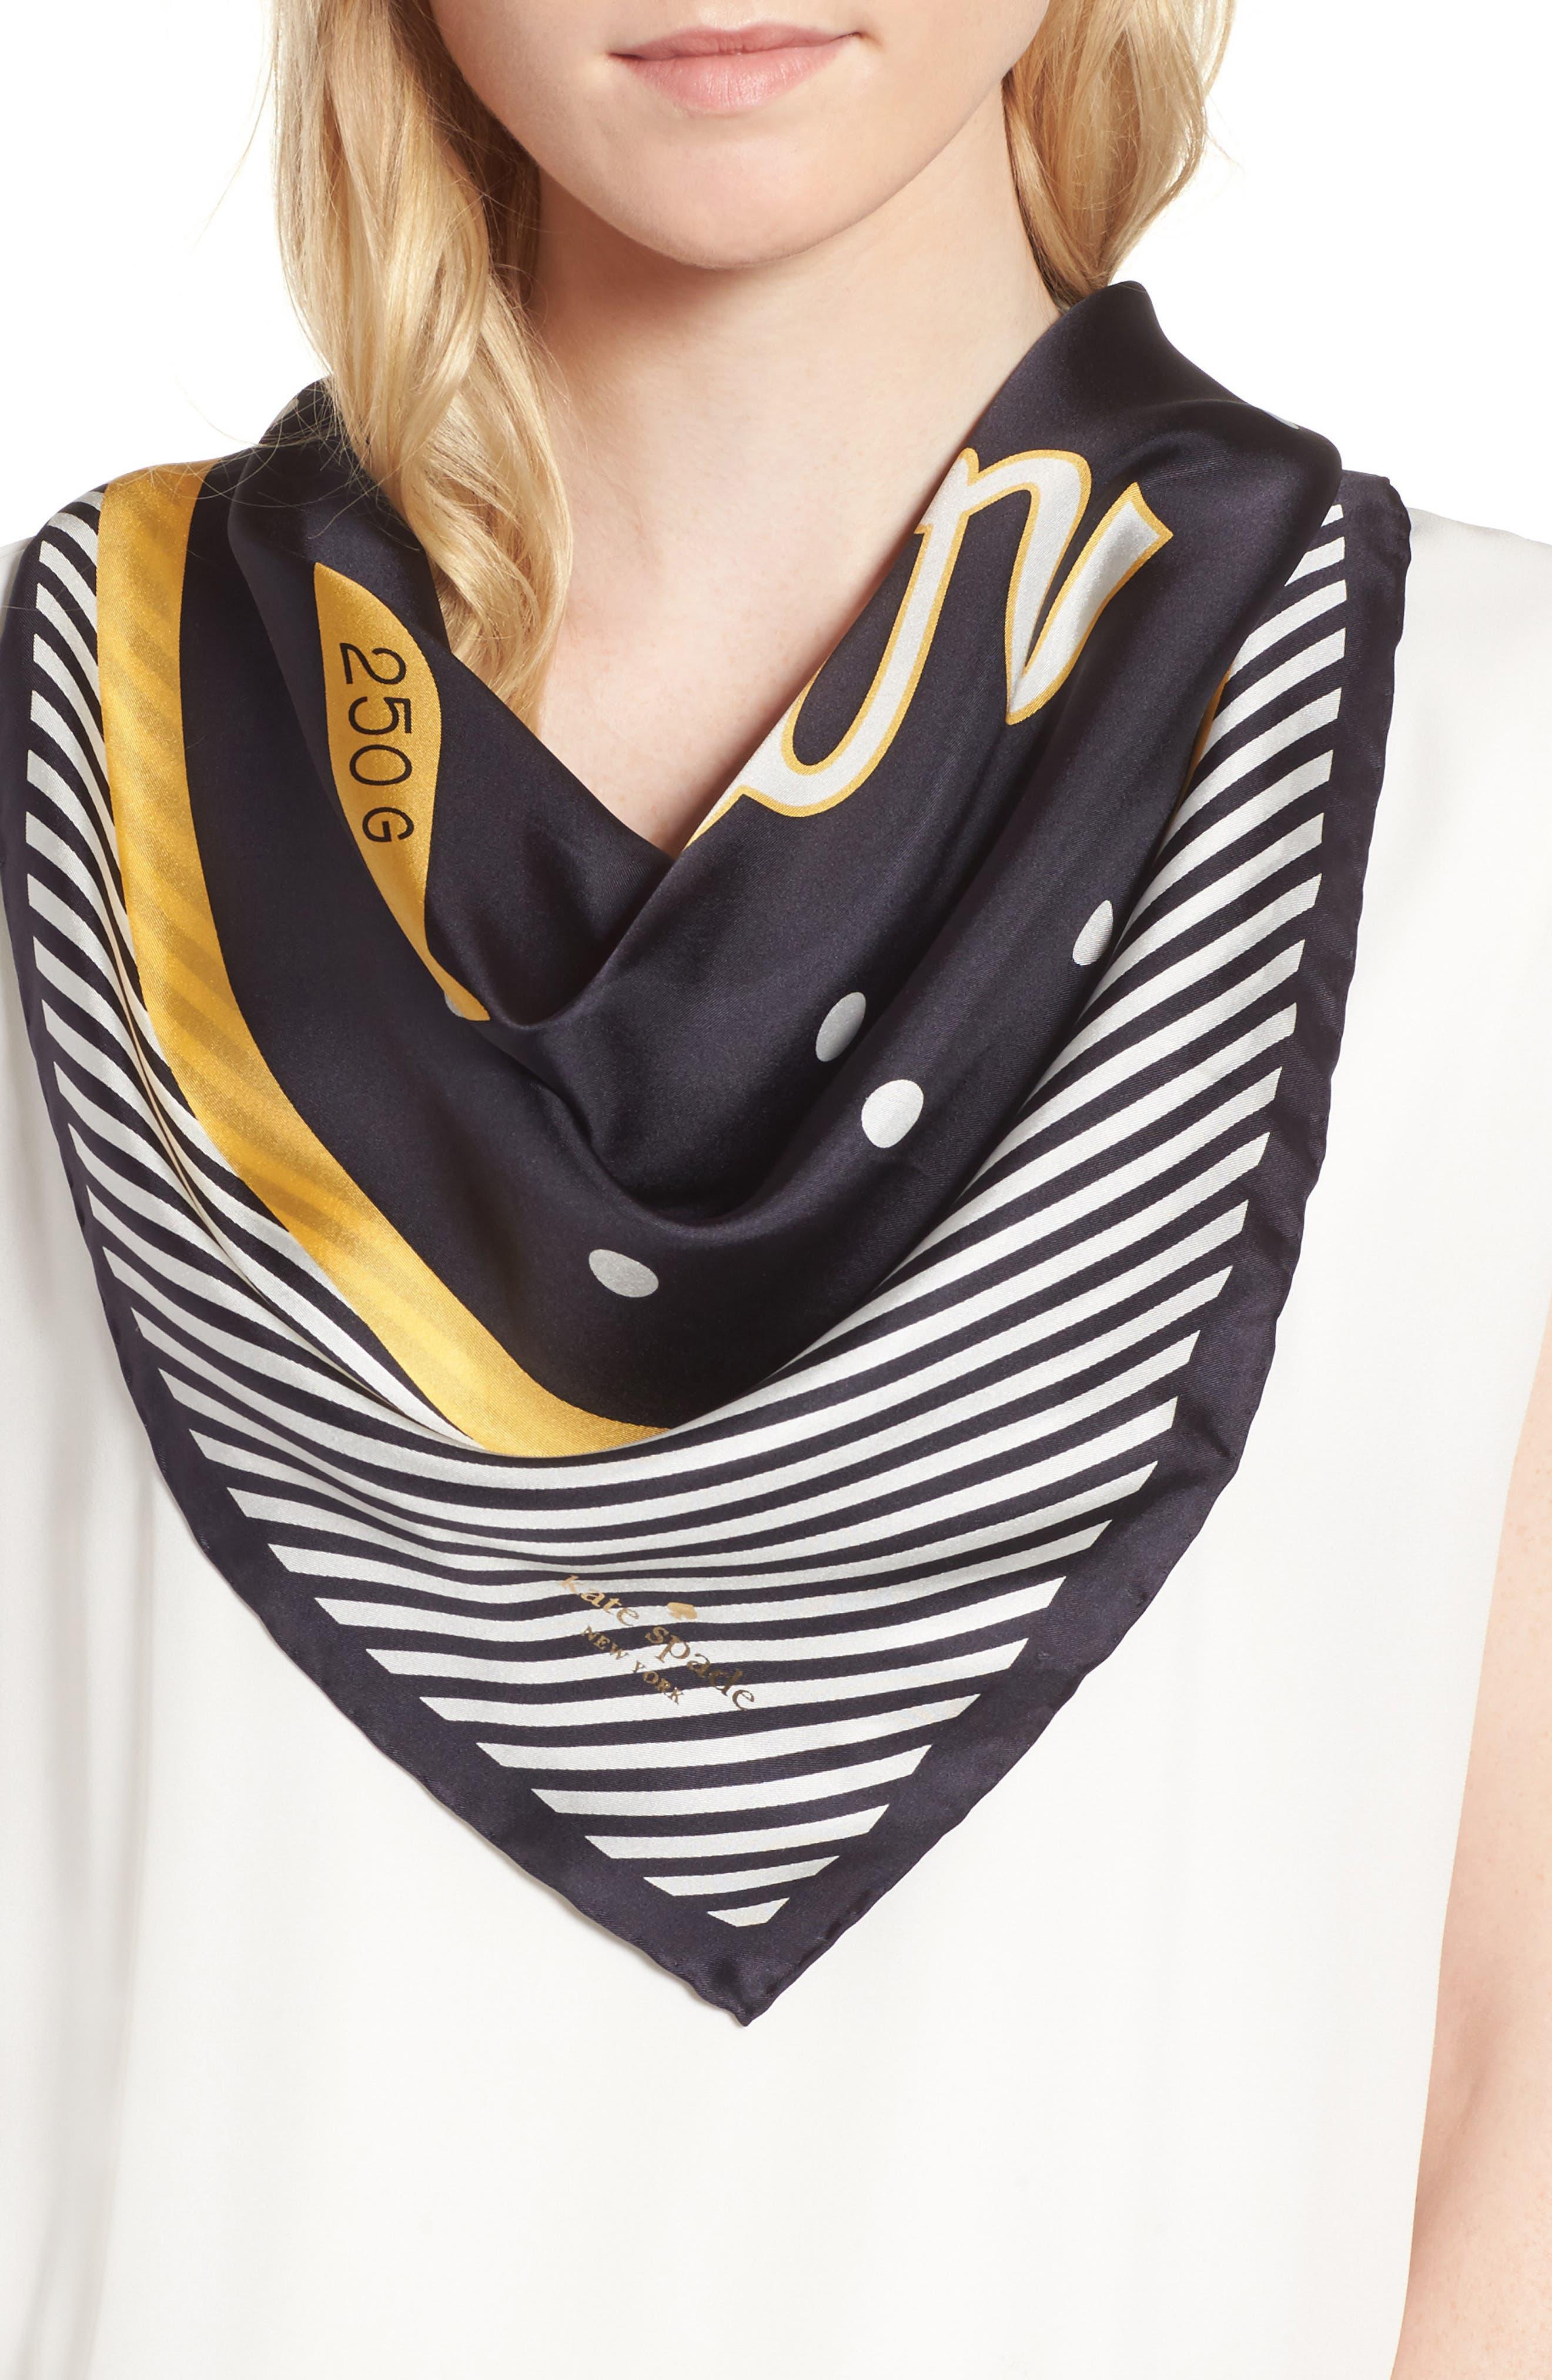 kate spade new york caviar silk square scarf